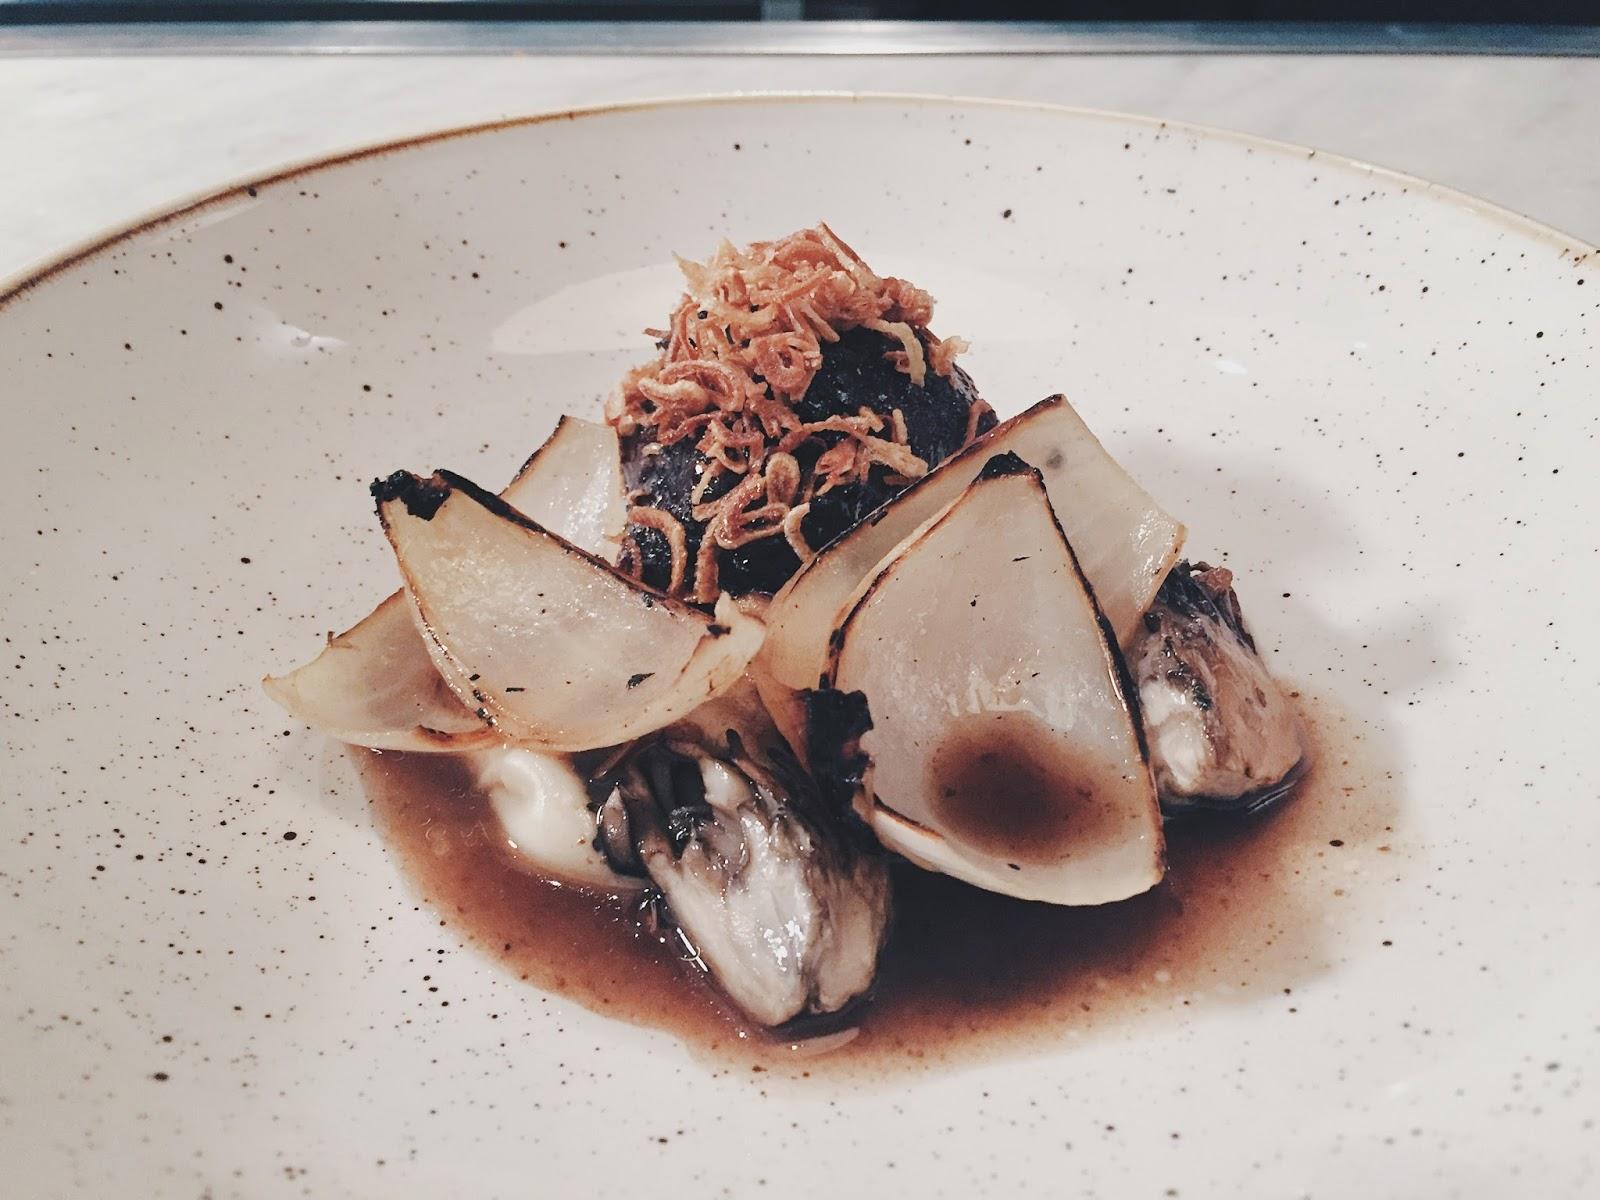 Braised Wagyu Beef Cheek - Parsnip, Maitake Mushroom